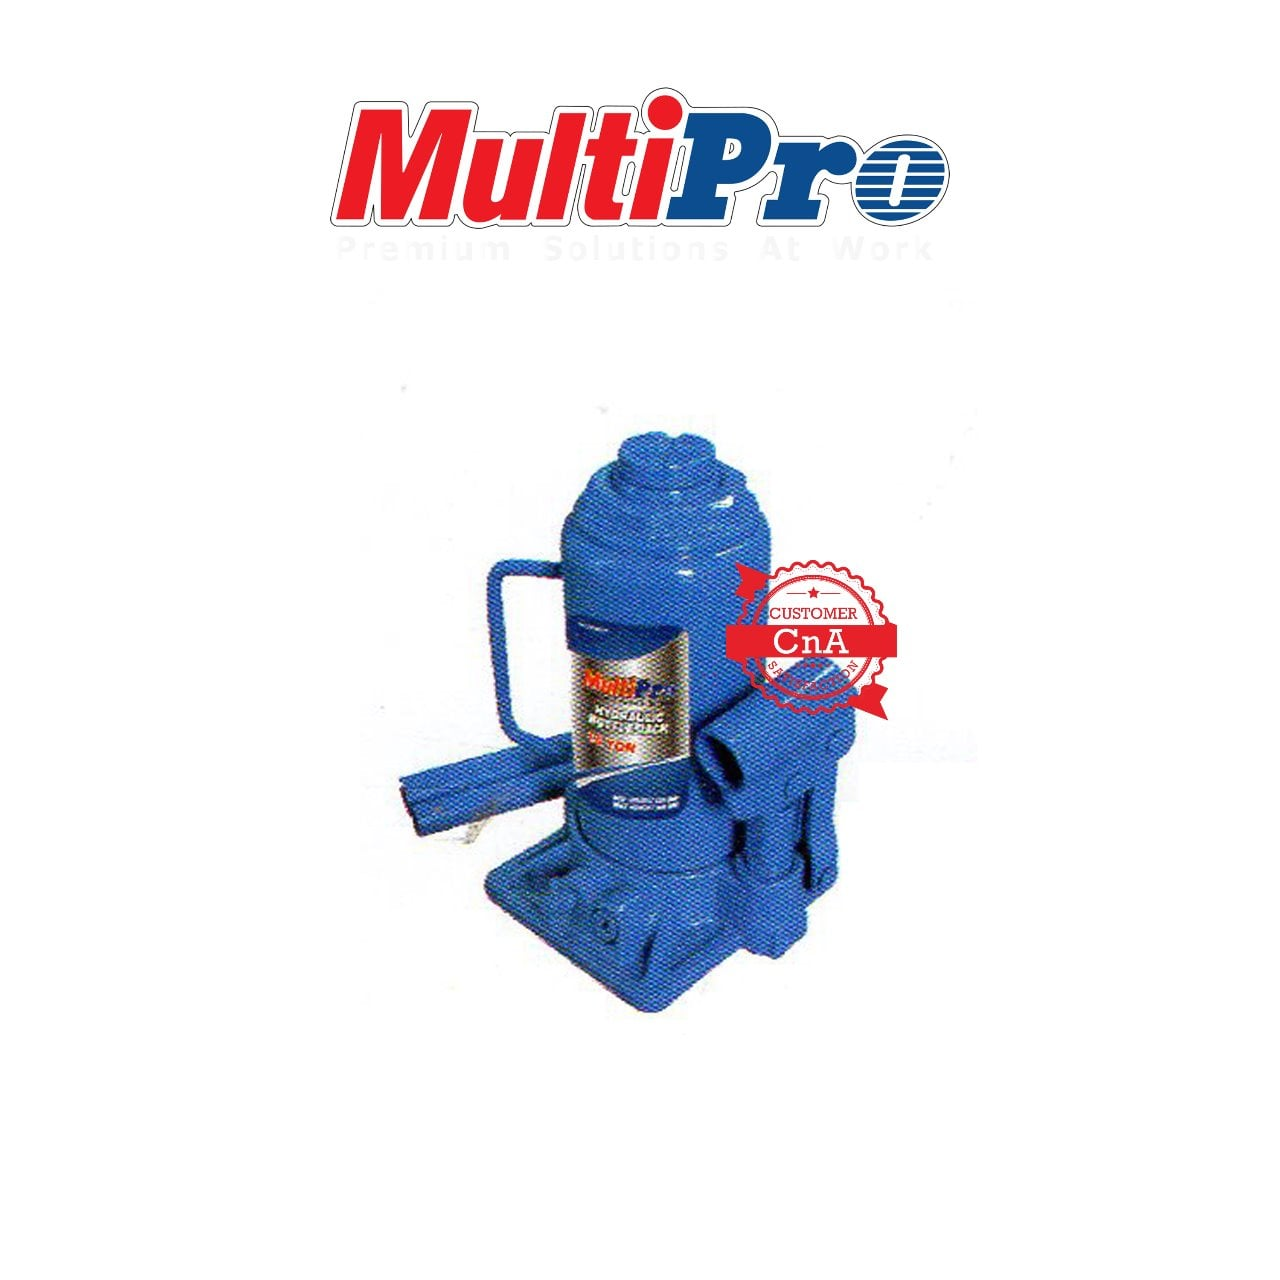 Multipro Dongkrak Botol 6 Ton Daftar Harga Terlengkap Indonesia Tekiro 15 Jual Hydraulic Hidrolik Bottle Jack Cna Man Tokopedia